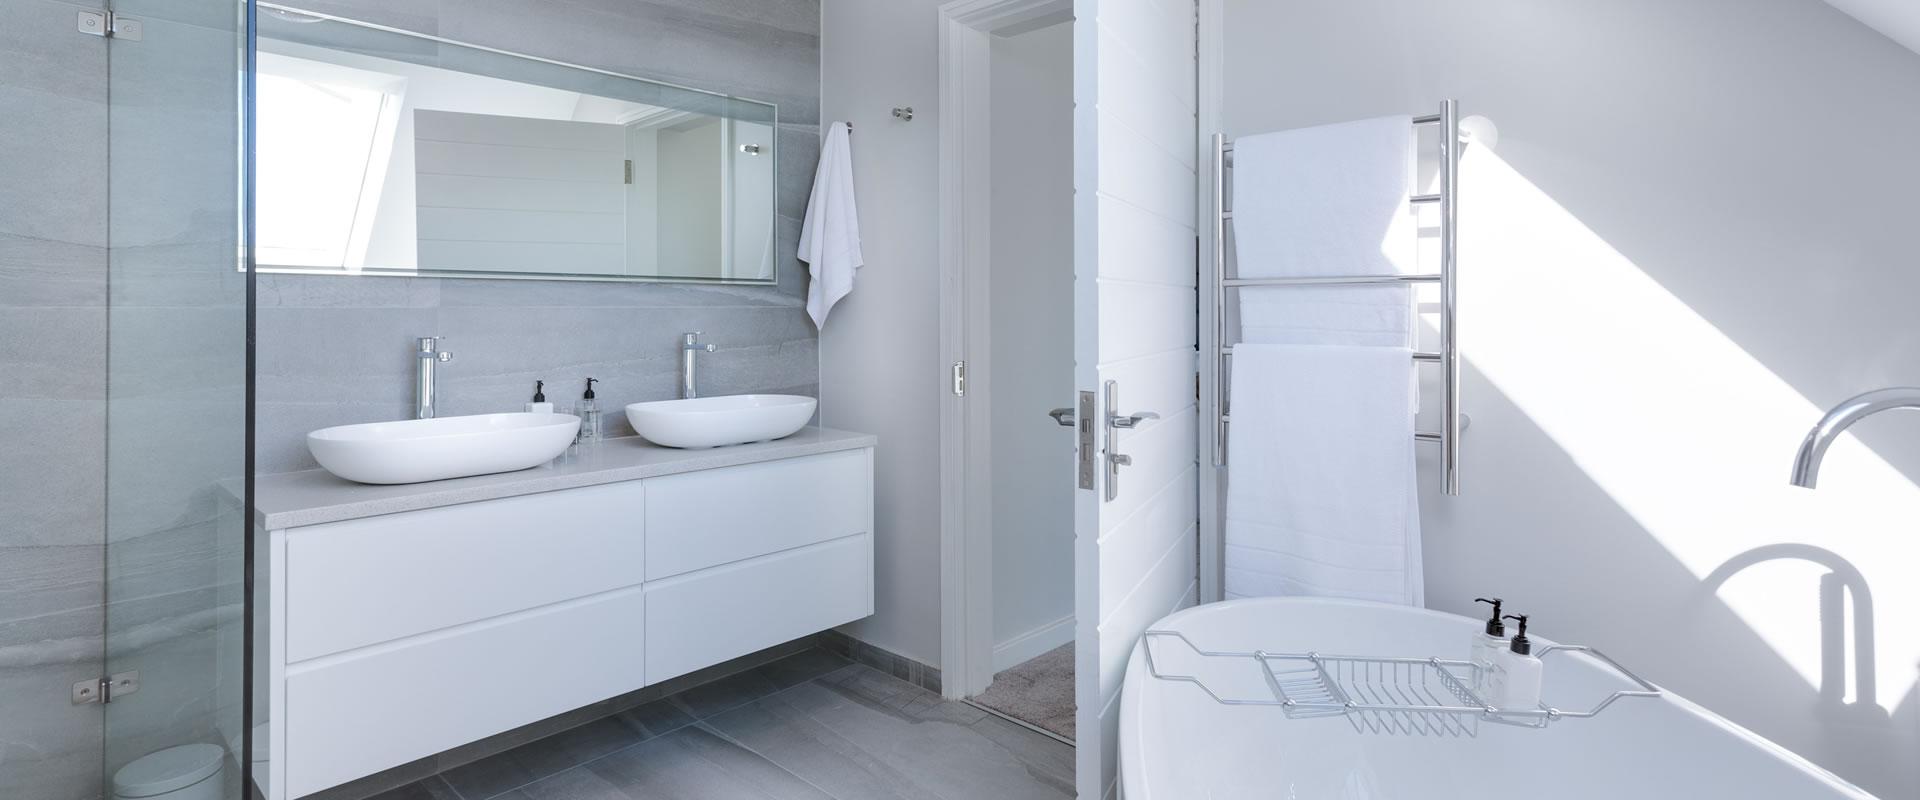 <a href='https://www.naler.de/leistungen/wohlfuehlbadezimmer/'><em>Wir erstellen Ihr</em> Wohlfühl-Badezimmer »</a>